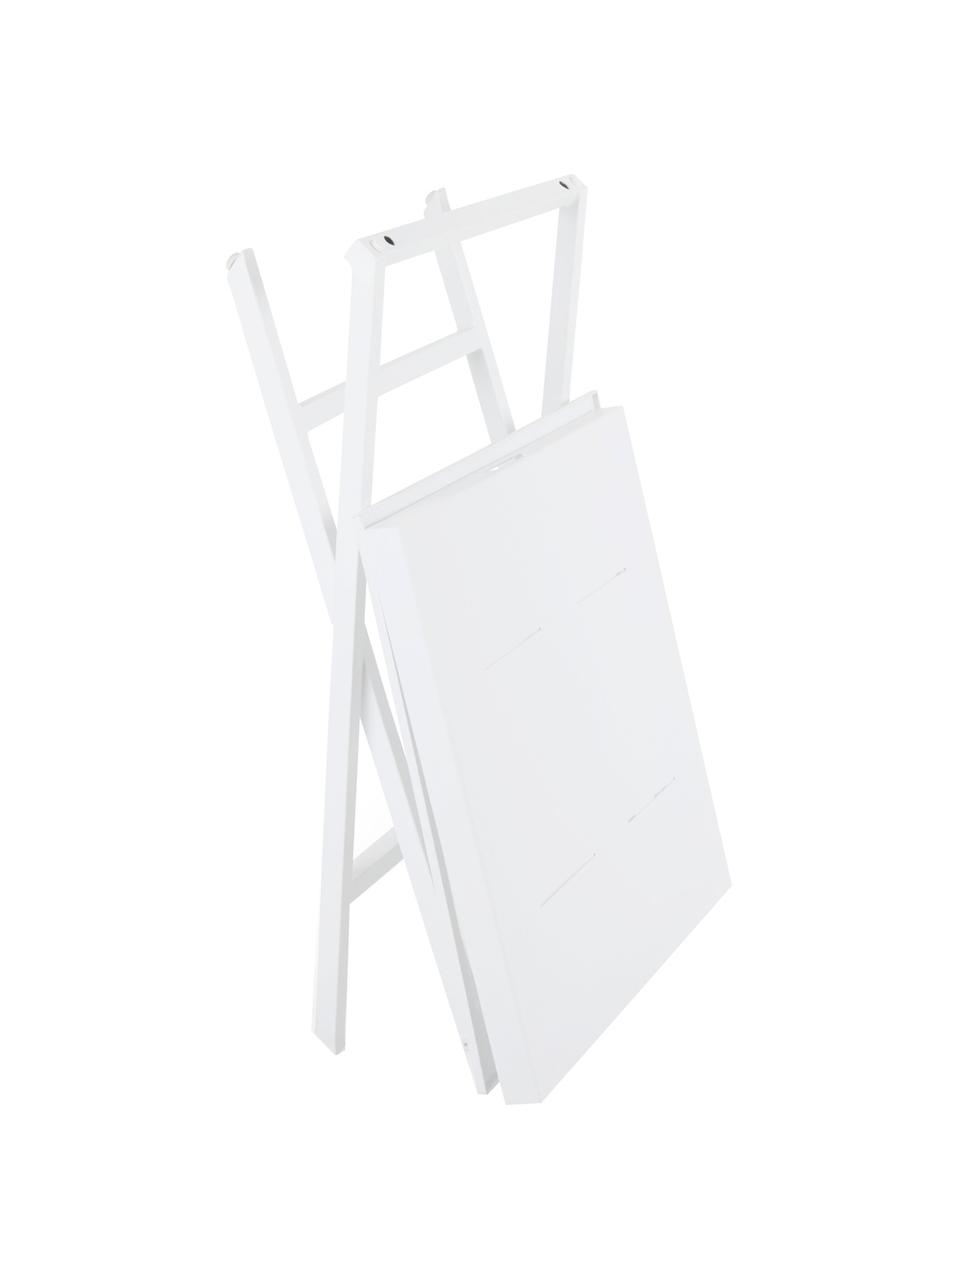 Inklapbaar dienbladtafel Vero in wit, Gecoat aluminium, Mat wit, 60 x 70 cm